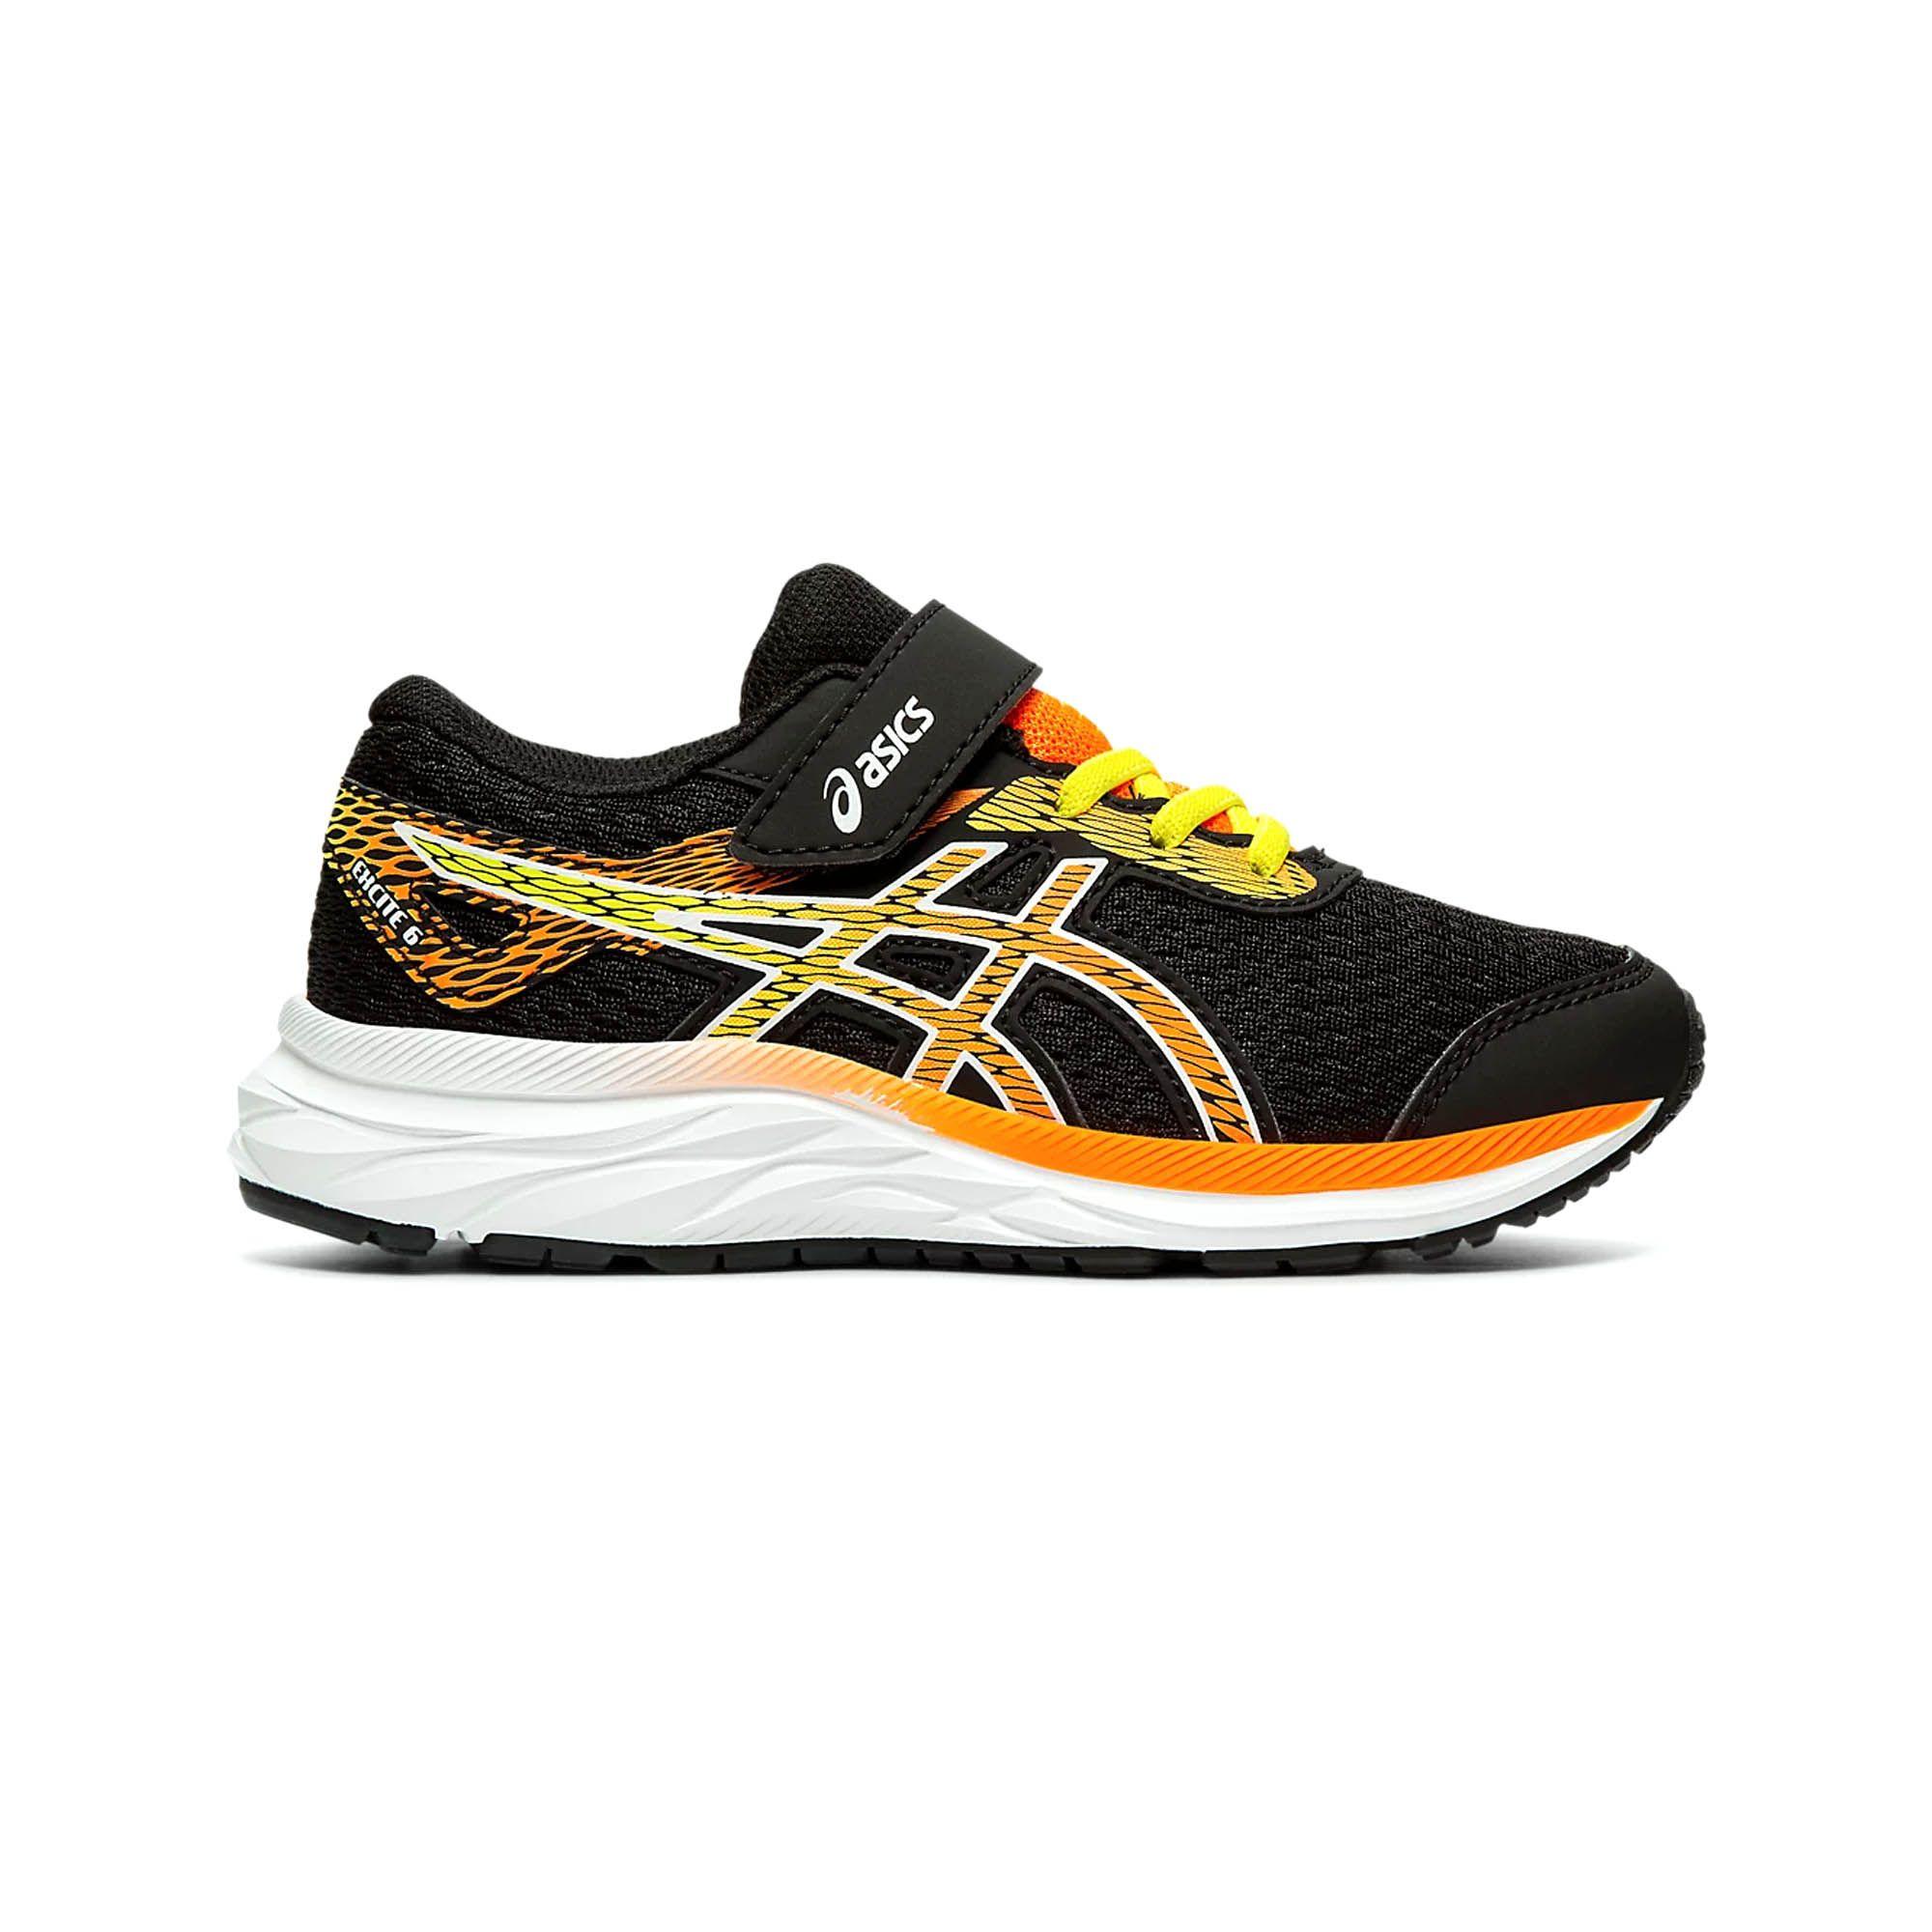 Asics Excite 6 Junior Running Trainer Black/Yellow/Orange